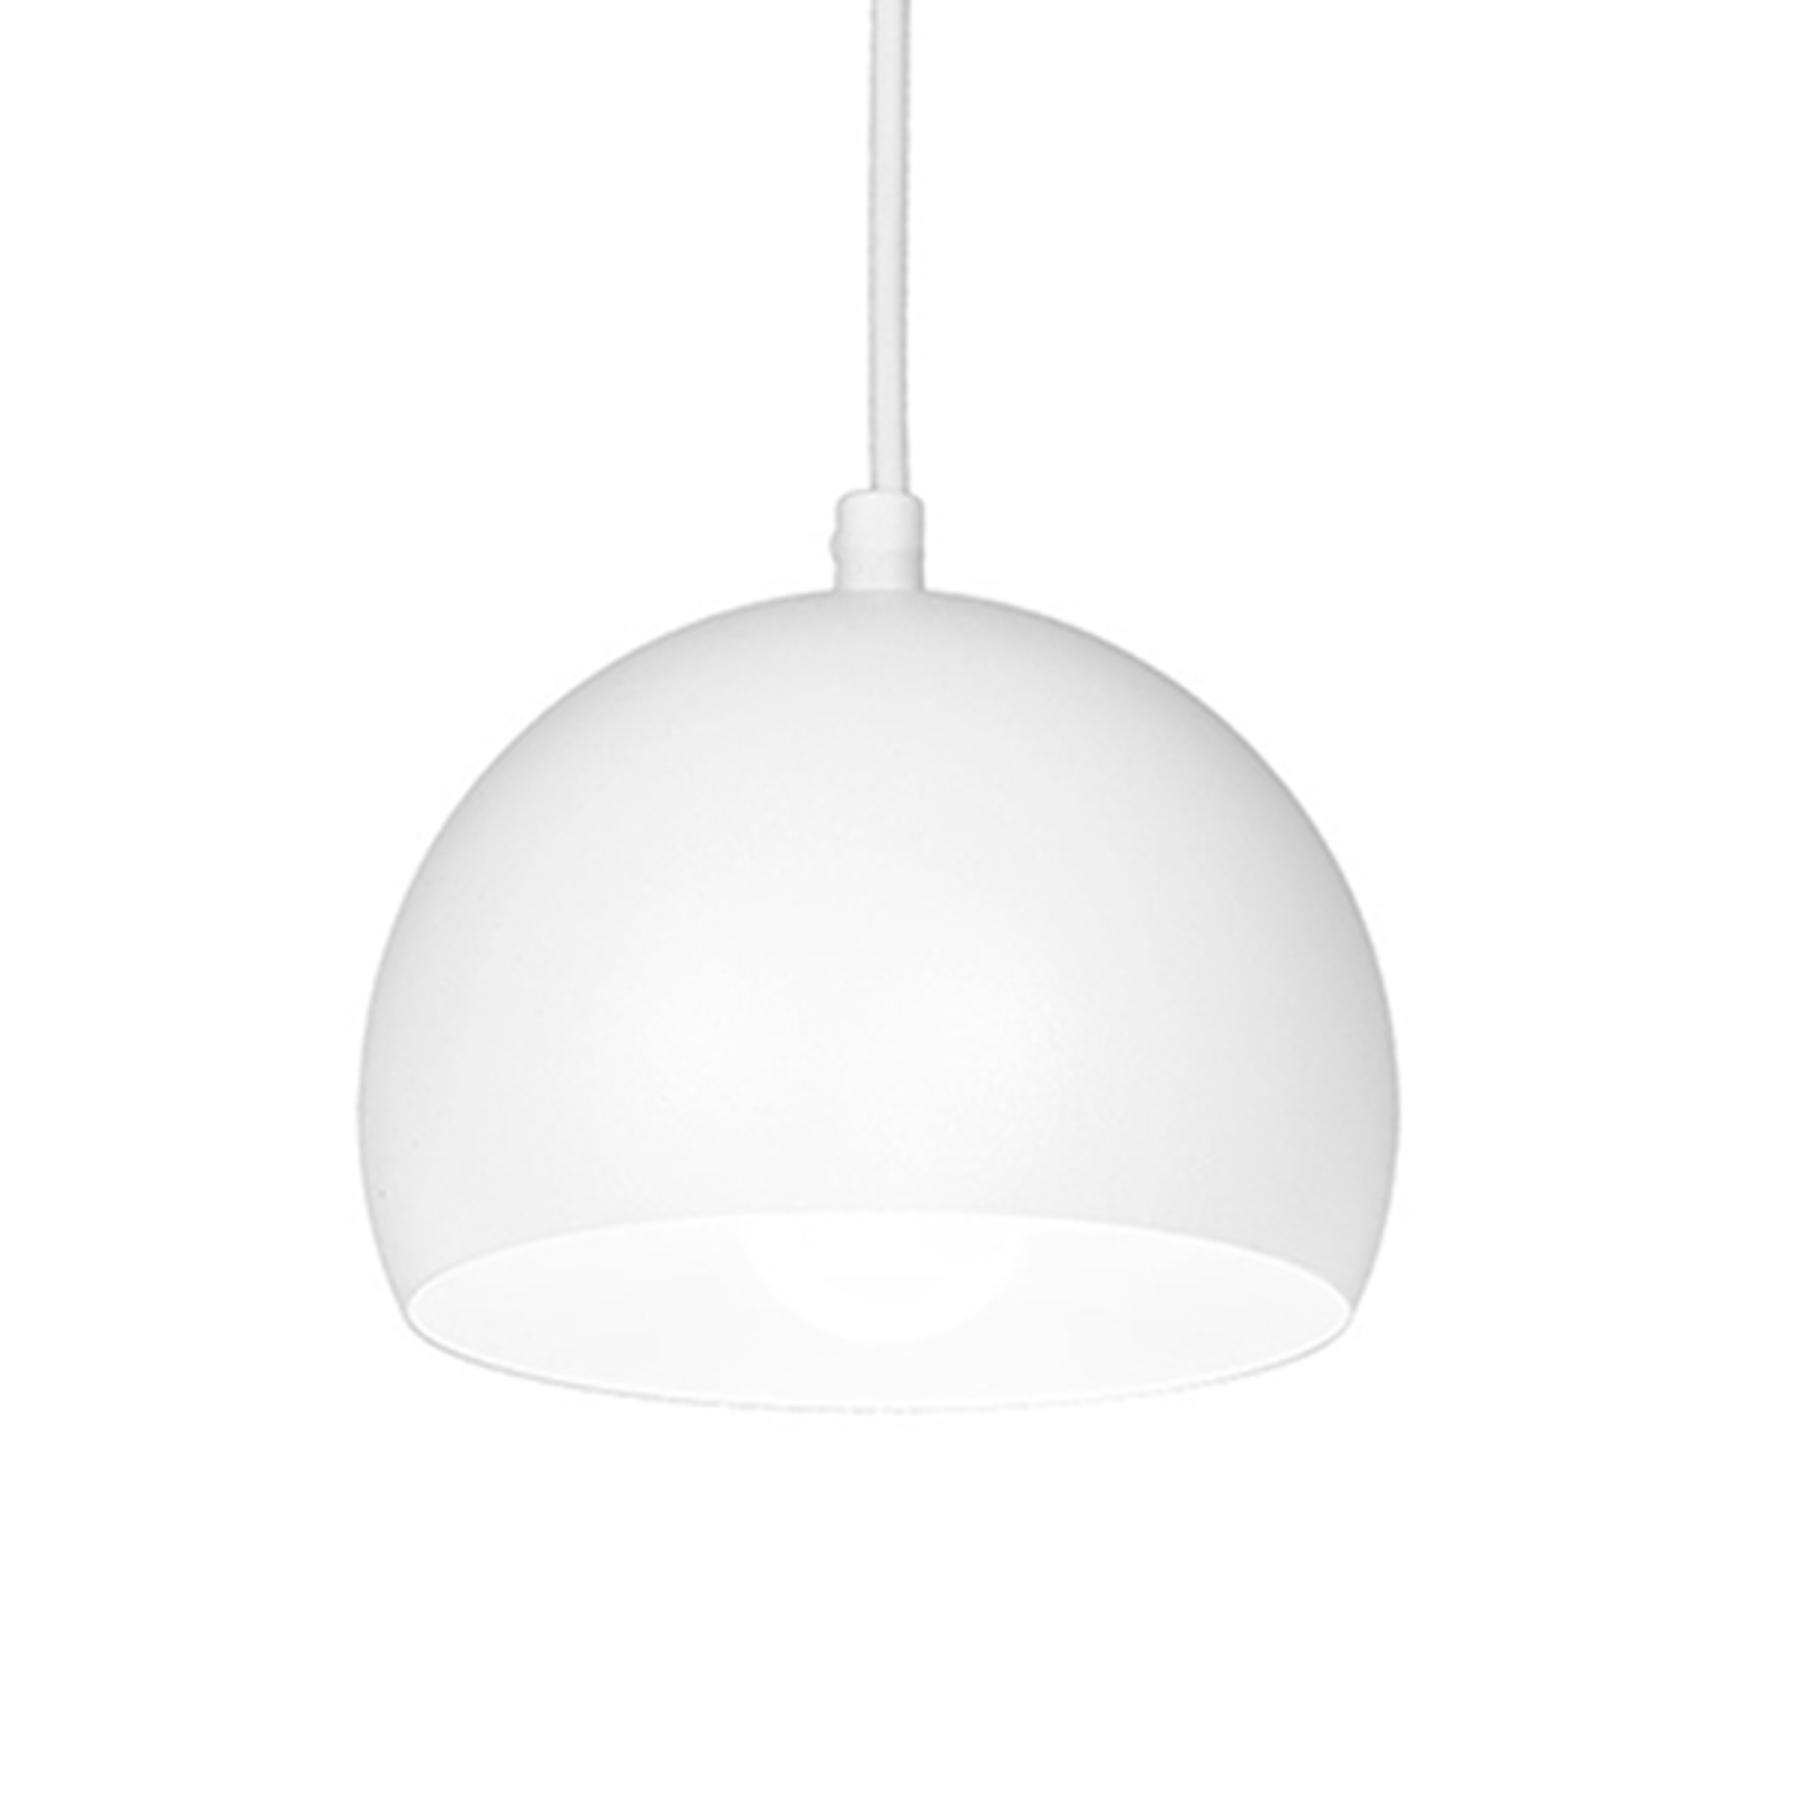 Lampa wisząca Sool, biała, 1-punktowa